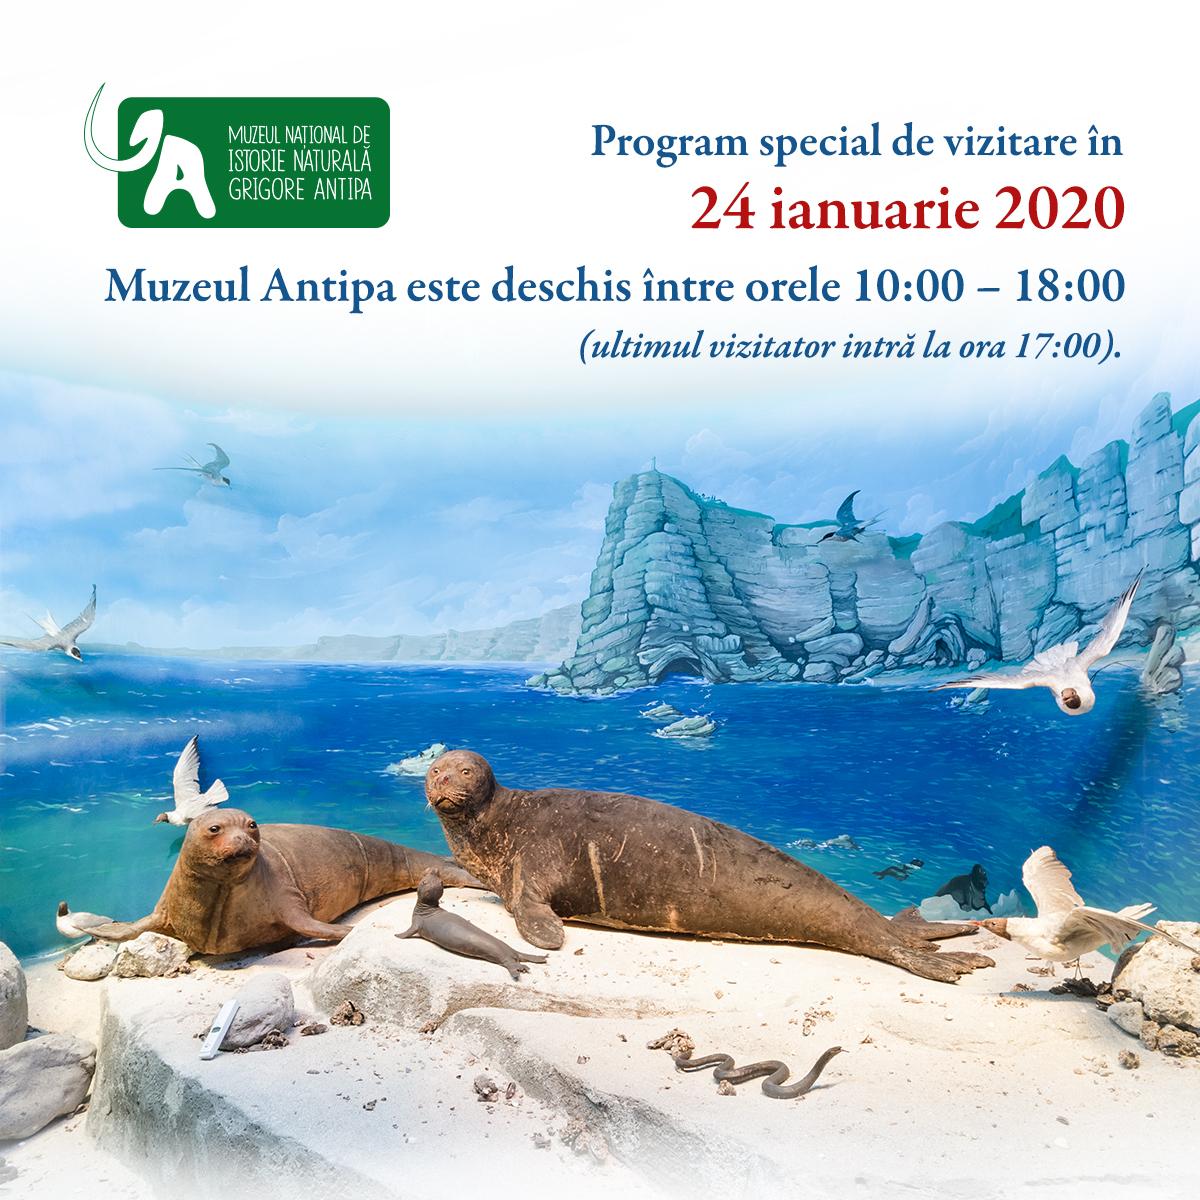 Imagini pentru Programul special de vizitare al Muzeului Antipa vineri, 24 ianuarie 2020